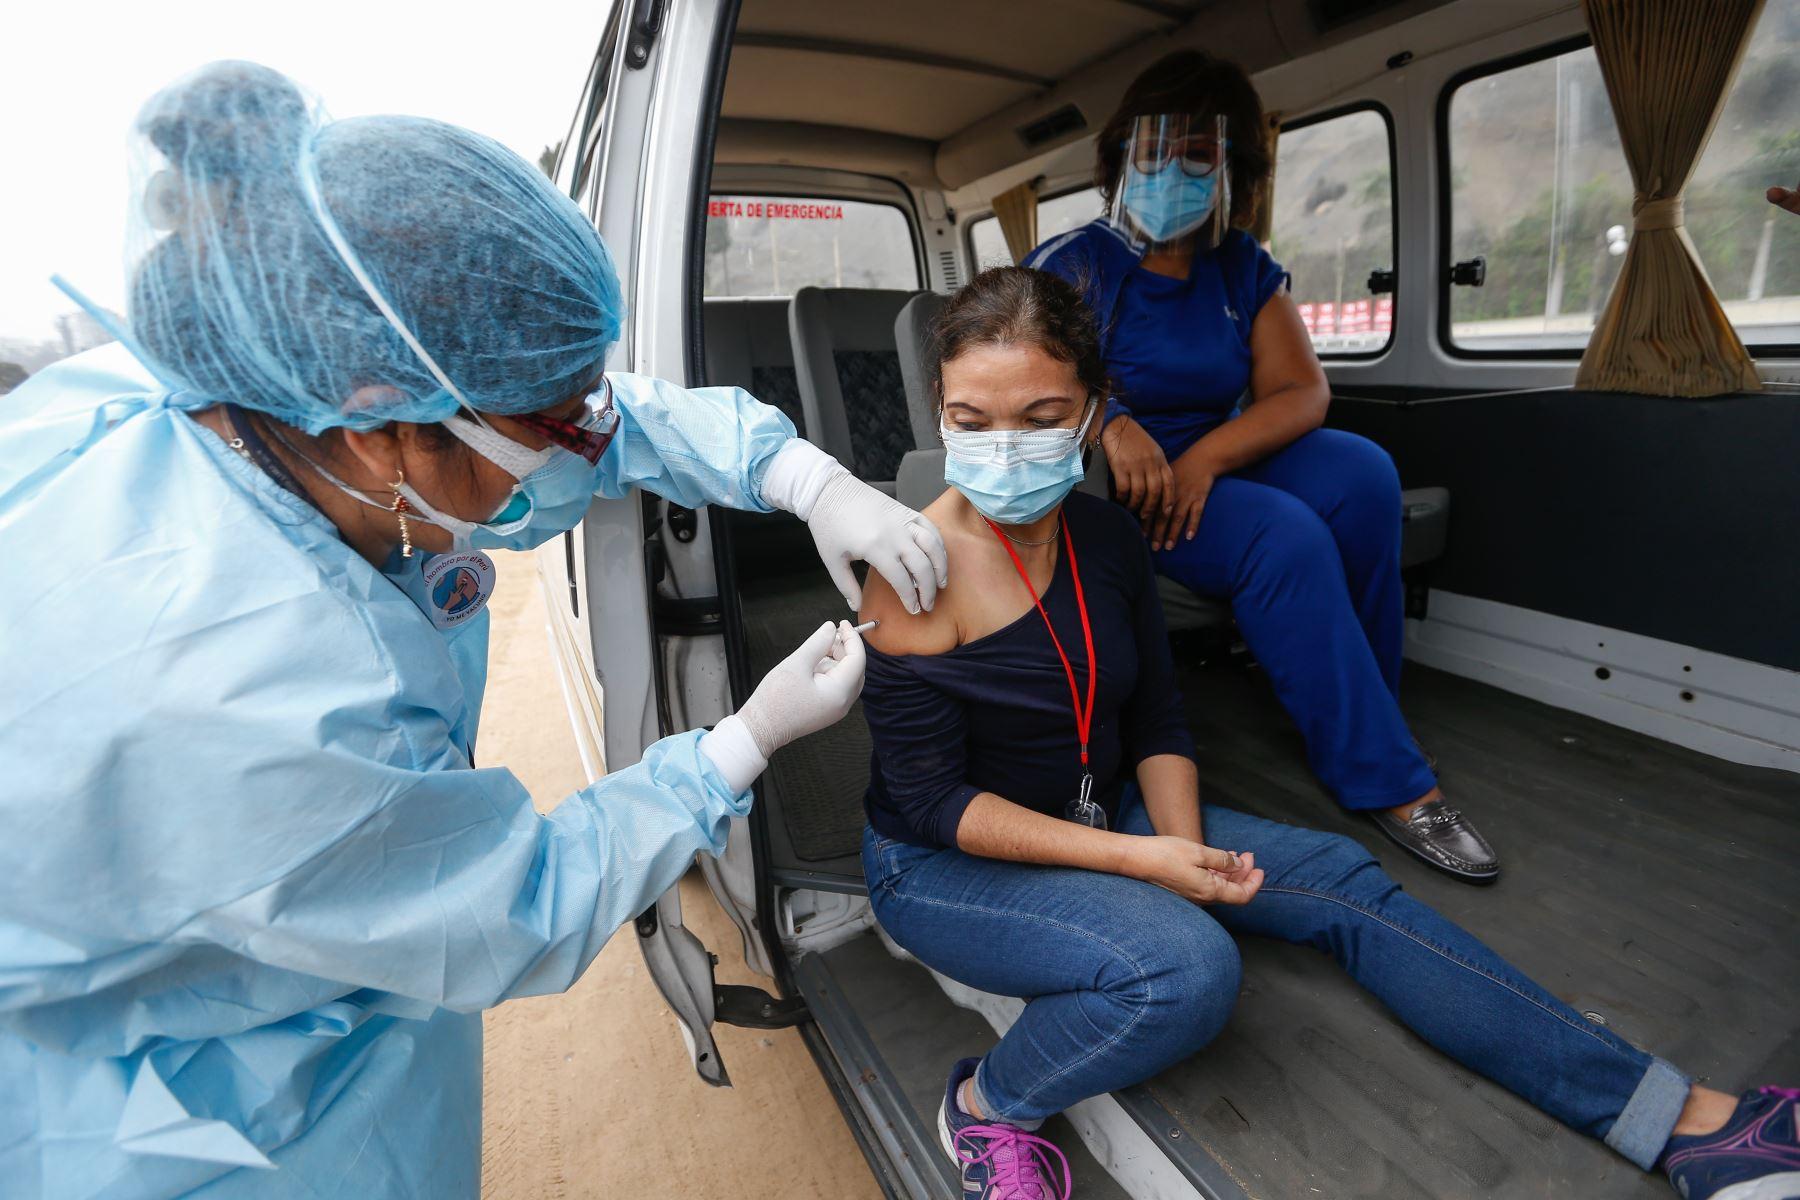 Ministro de Salud Óscar Ugarte supervisa la vacunación contra la covid-19 en el vacunacar de la playa Aguadulce en Chorrillos. Foto: Minsa